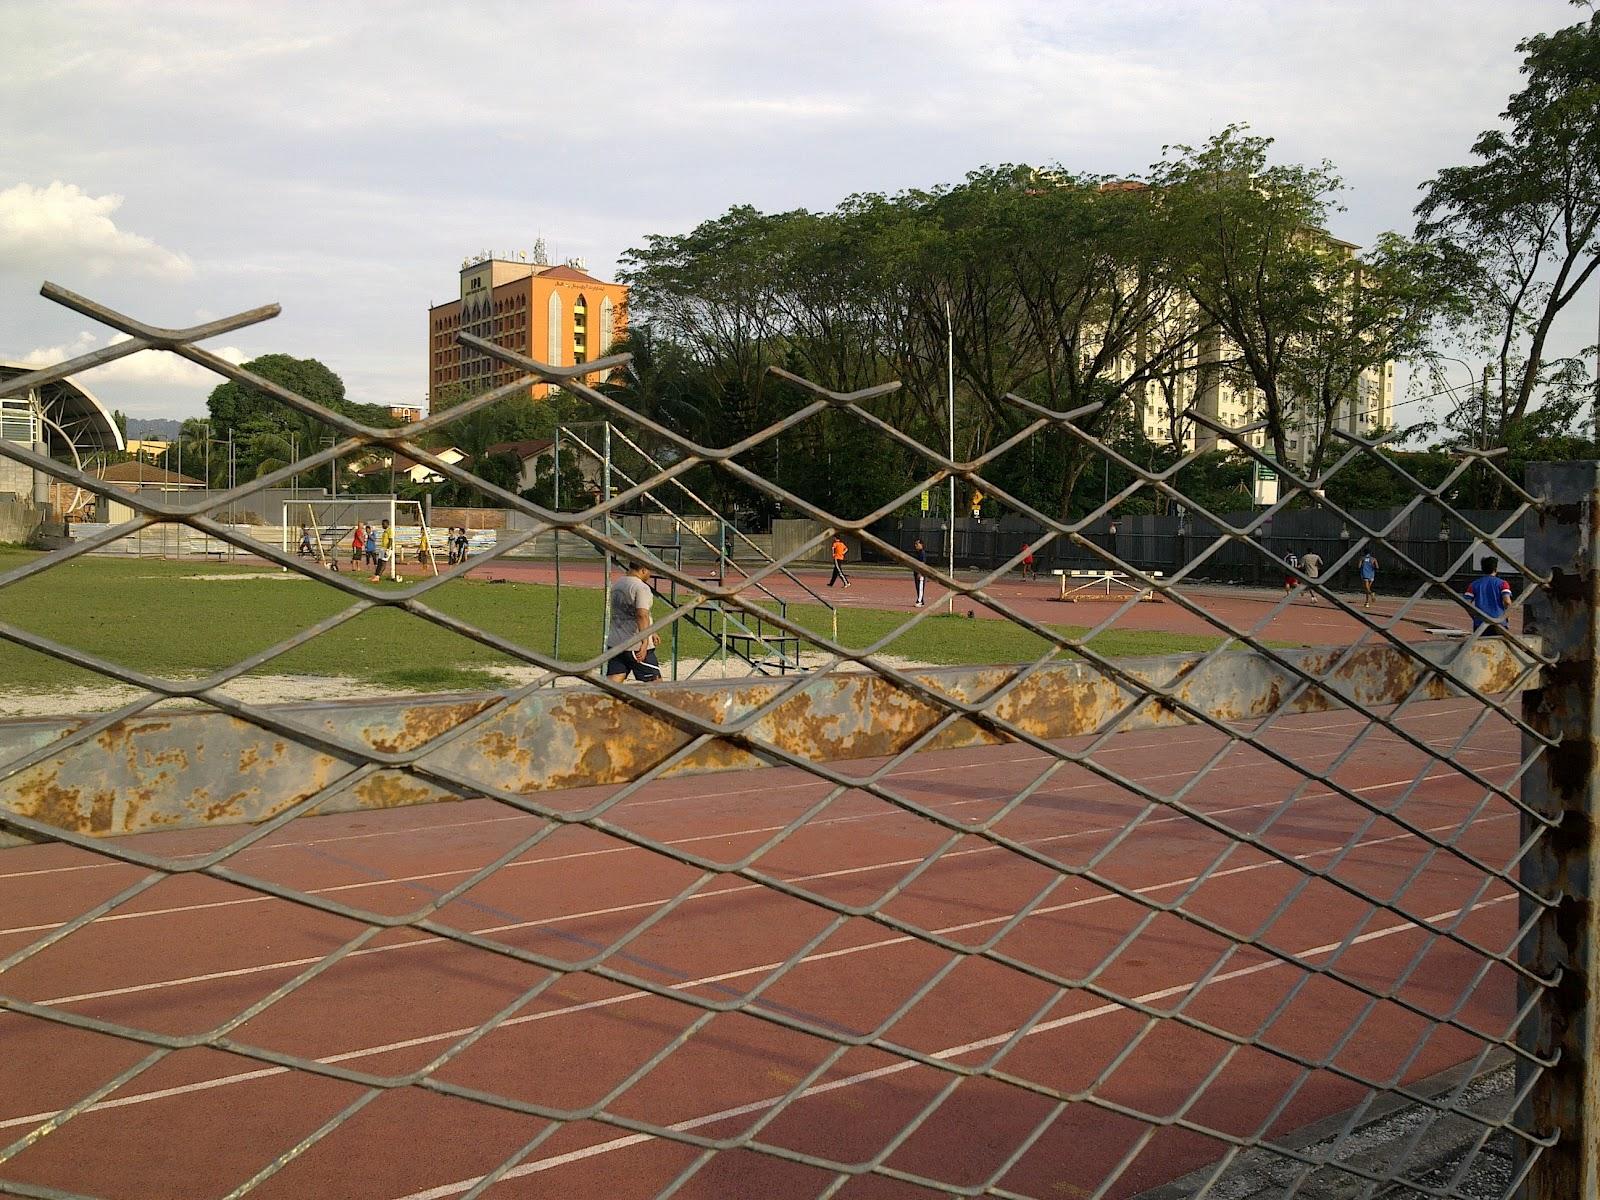 Kampung pandan running track